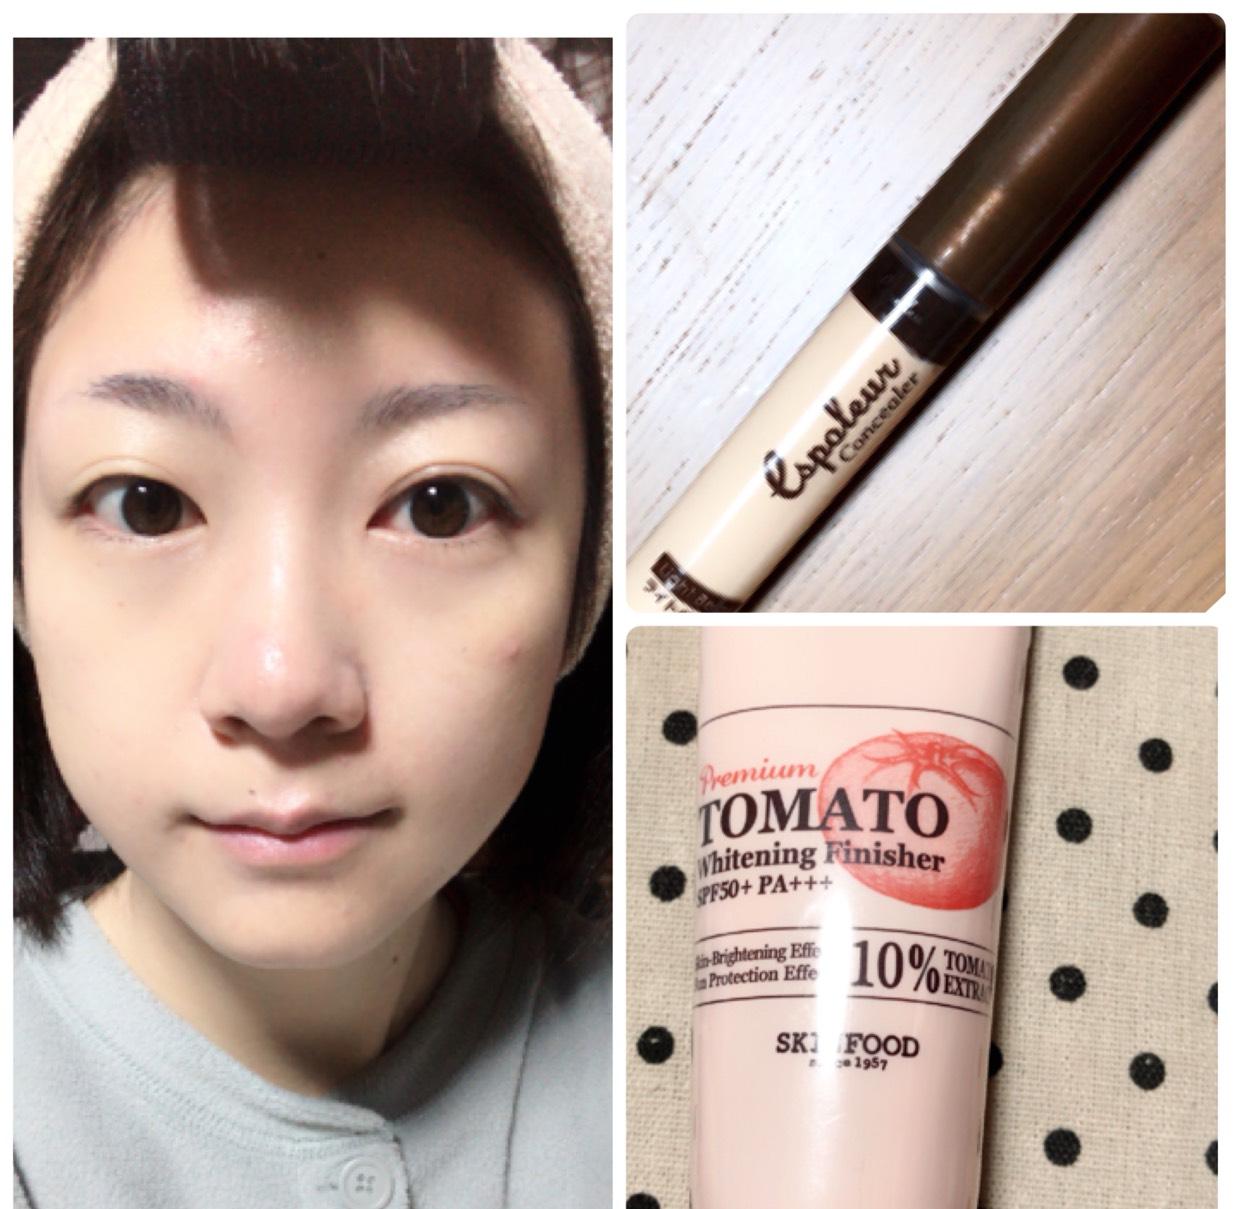 SKINFOODのトマトの下地を顔全体から首まで塗り、気になるところにコンシーラーを使用します。